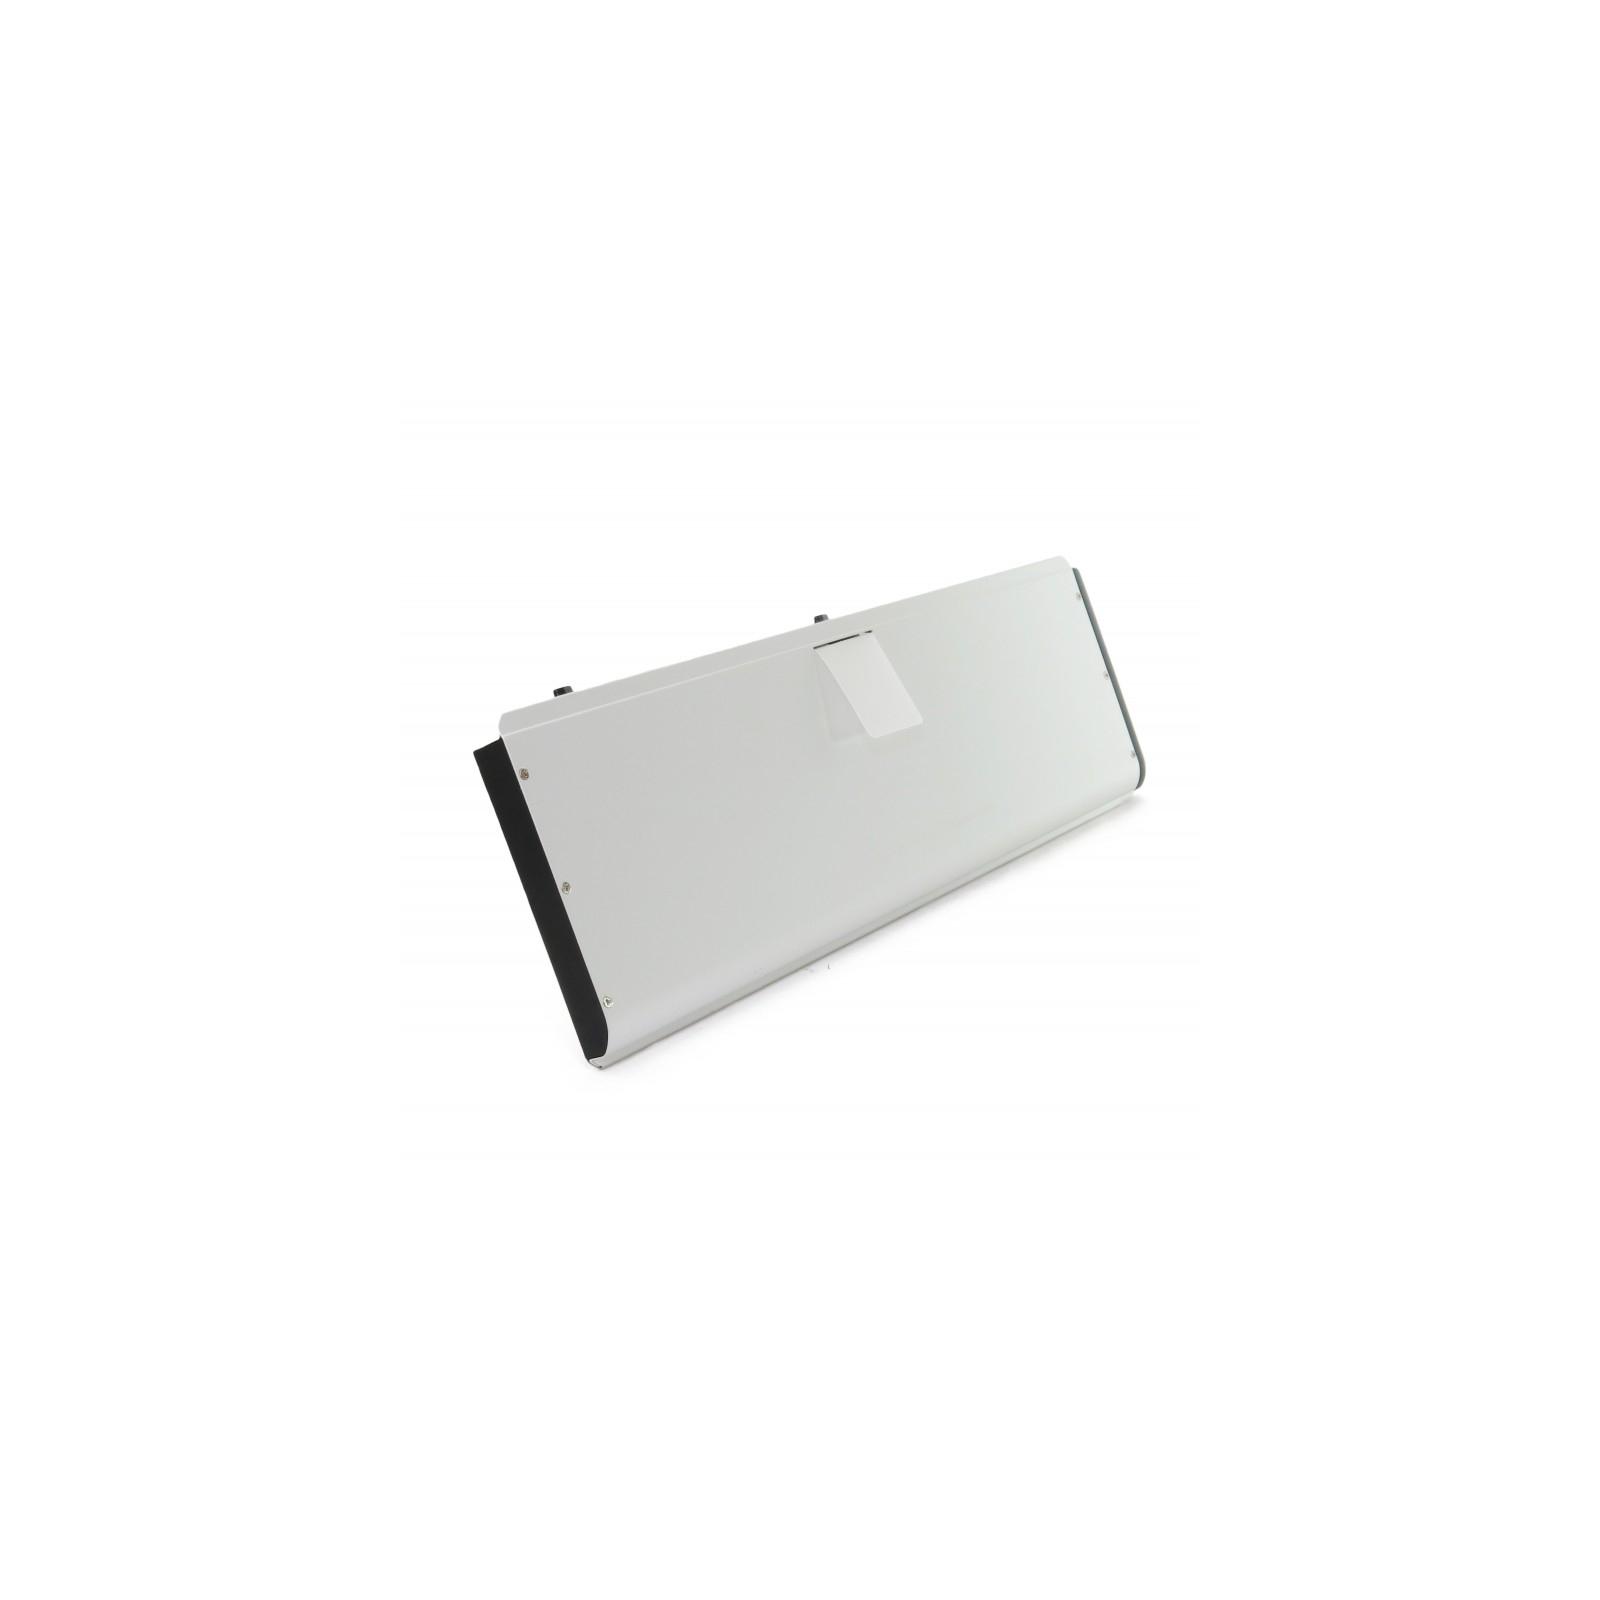 Аккумулятор для ноутбука APPLE A1281 (5400 mAh) EXTRADIGITAL (BNA3903) изображение 2